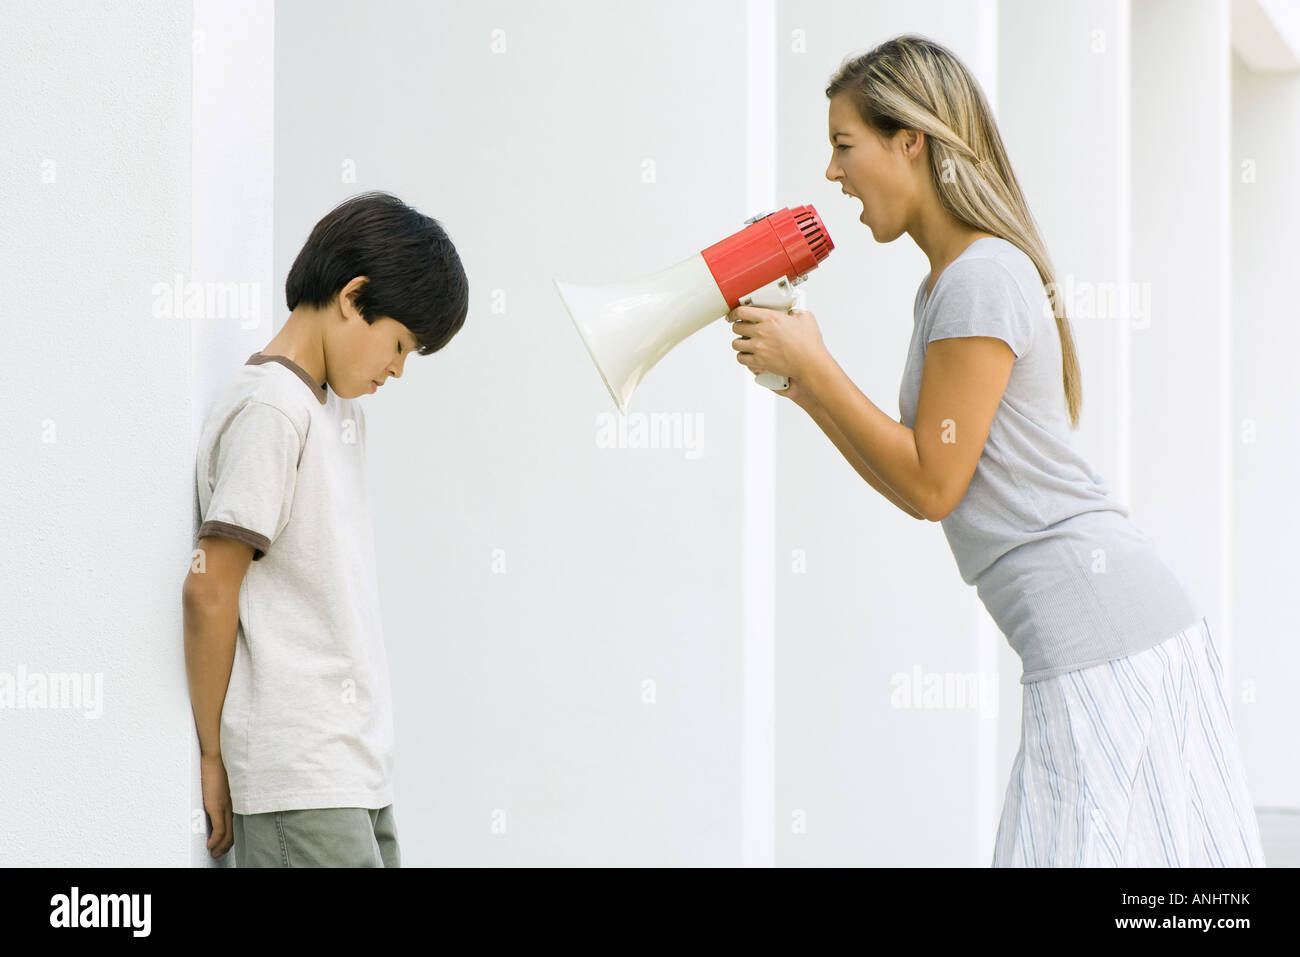 Woman shouting at boy through megaphone - Stock Image